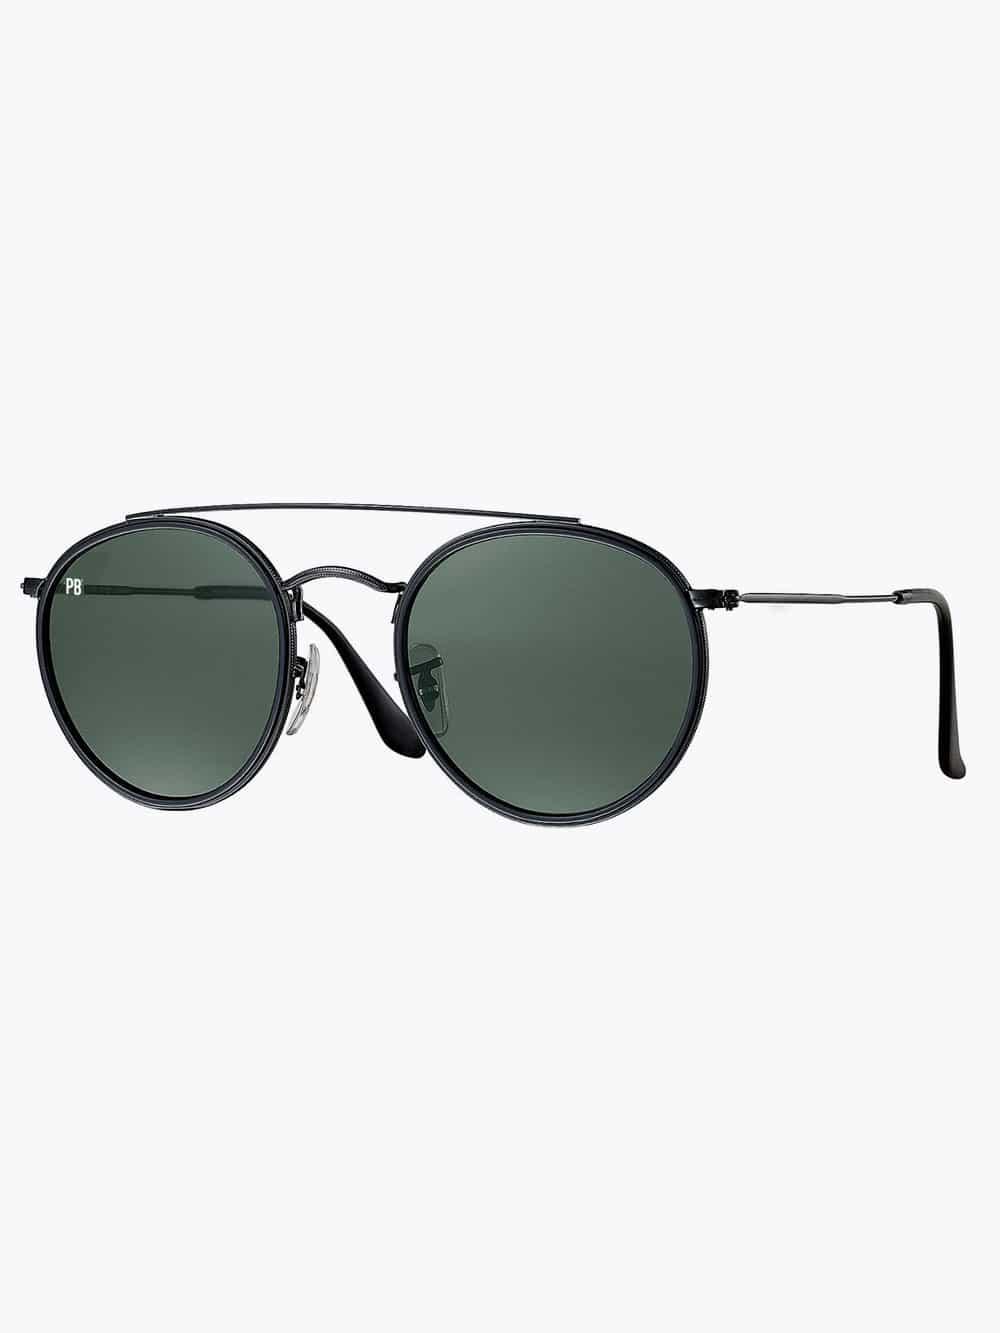 ronde-zonnebril-heren-2019-5